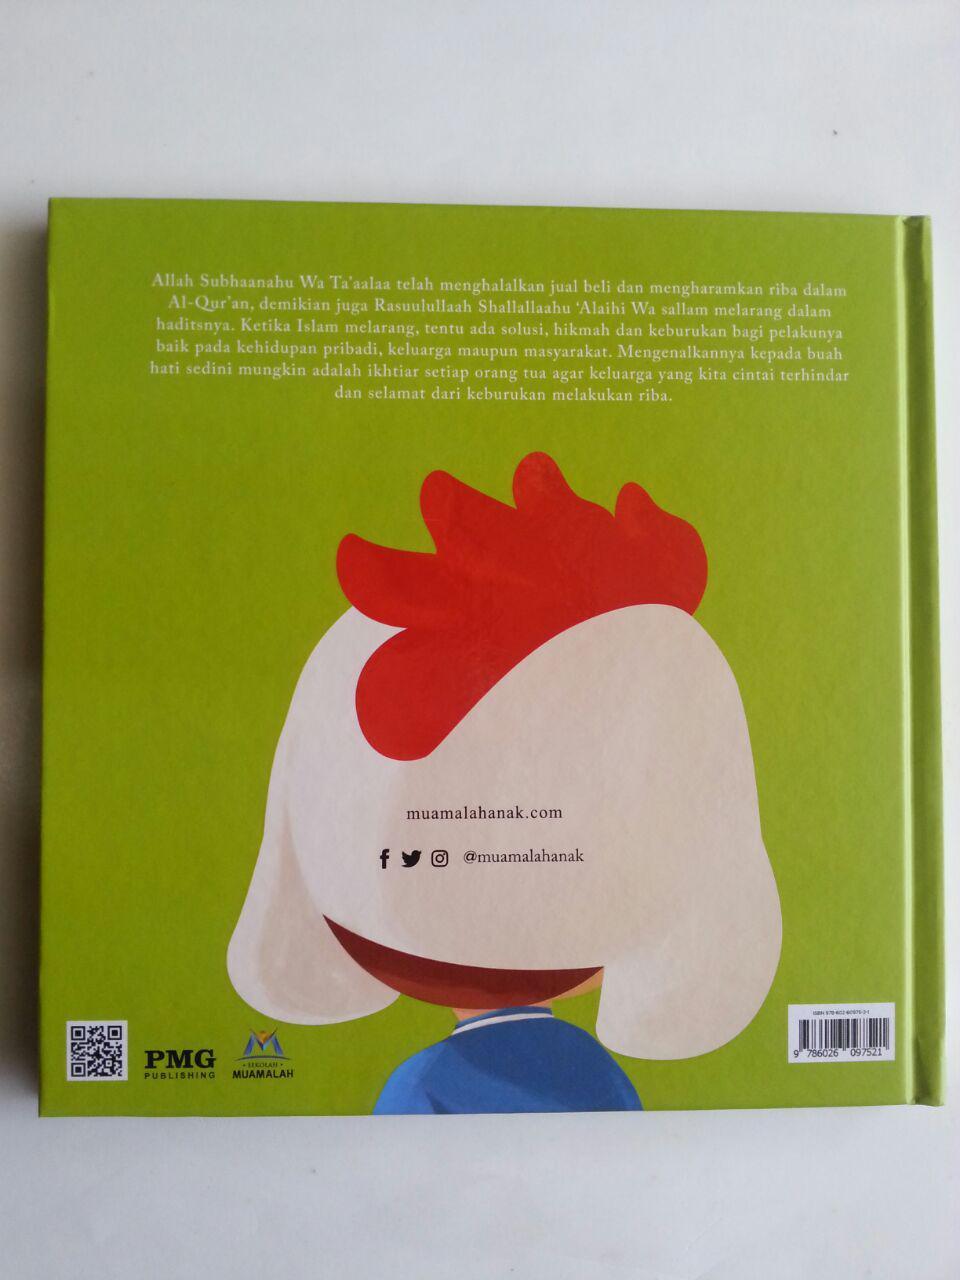 Buku Muamalah Untuk Anak Riba Yang Dianggap Biasa cover